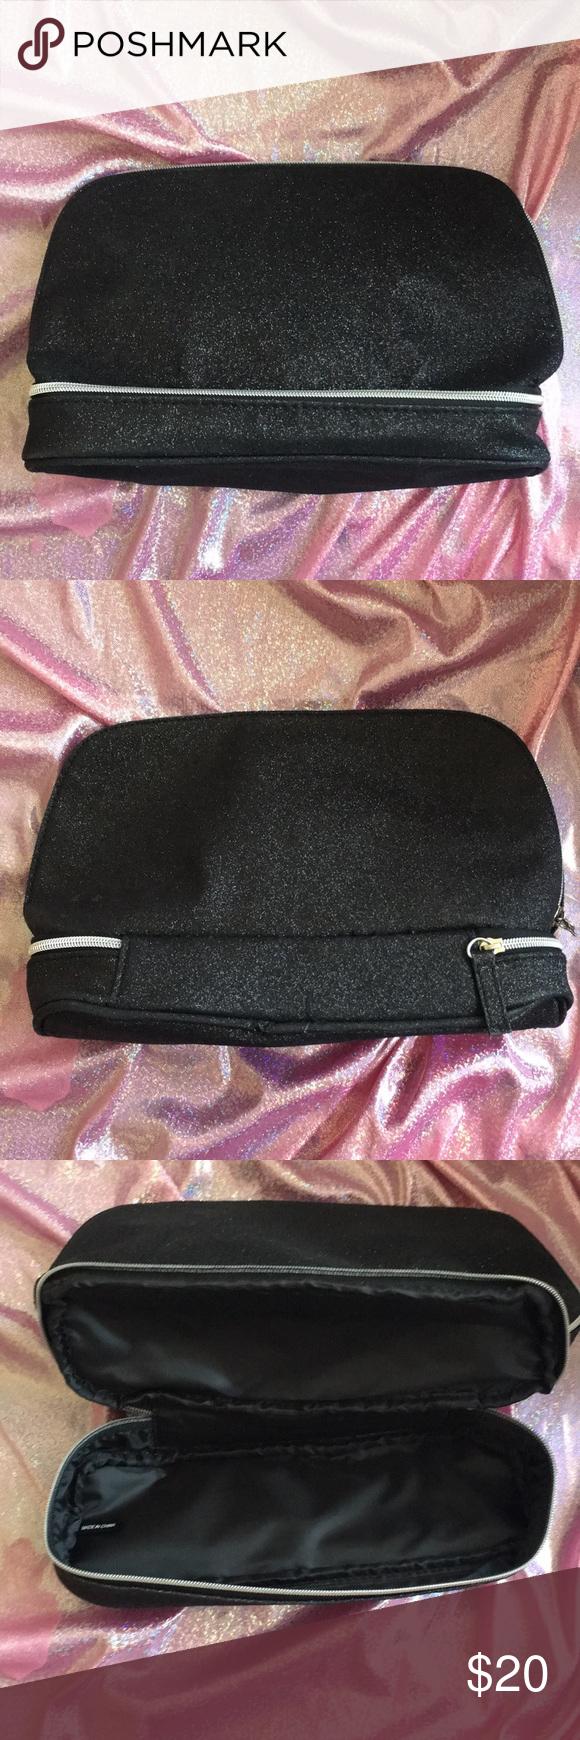 Huge Black Lancôme Makeup Bag Makeup bag, Black glitter